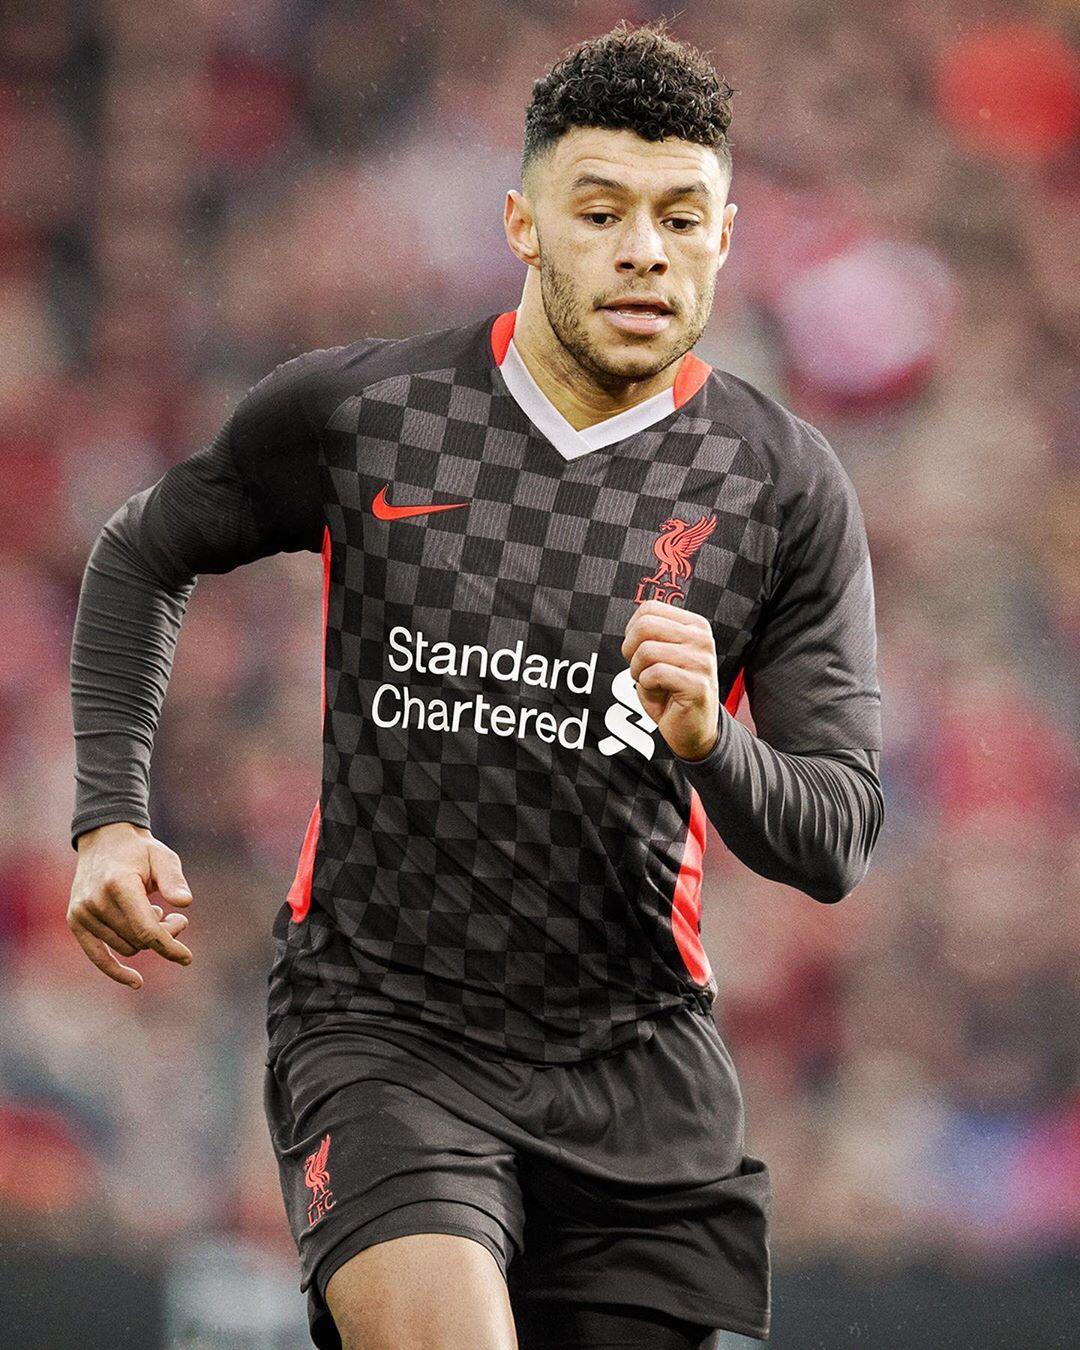 Terceira Camisa Do Liverpool Fc 2020 2021 Nike Mantos Do Futebol